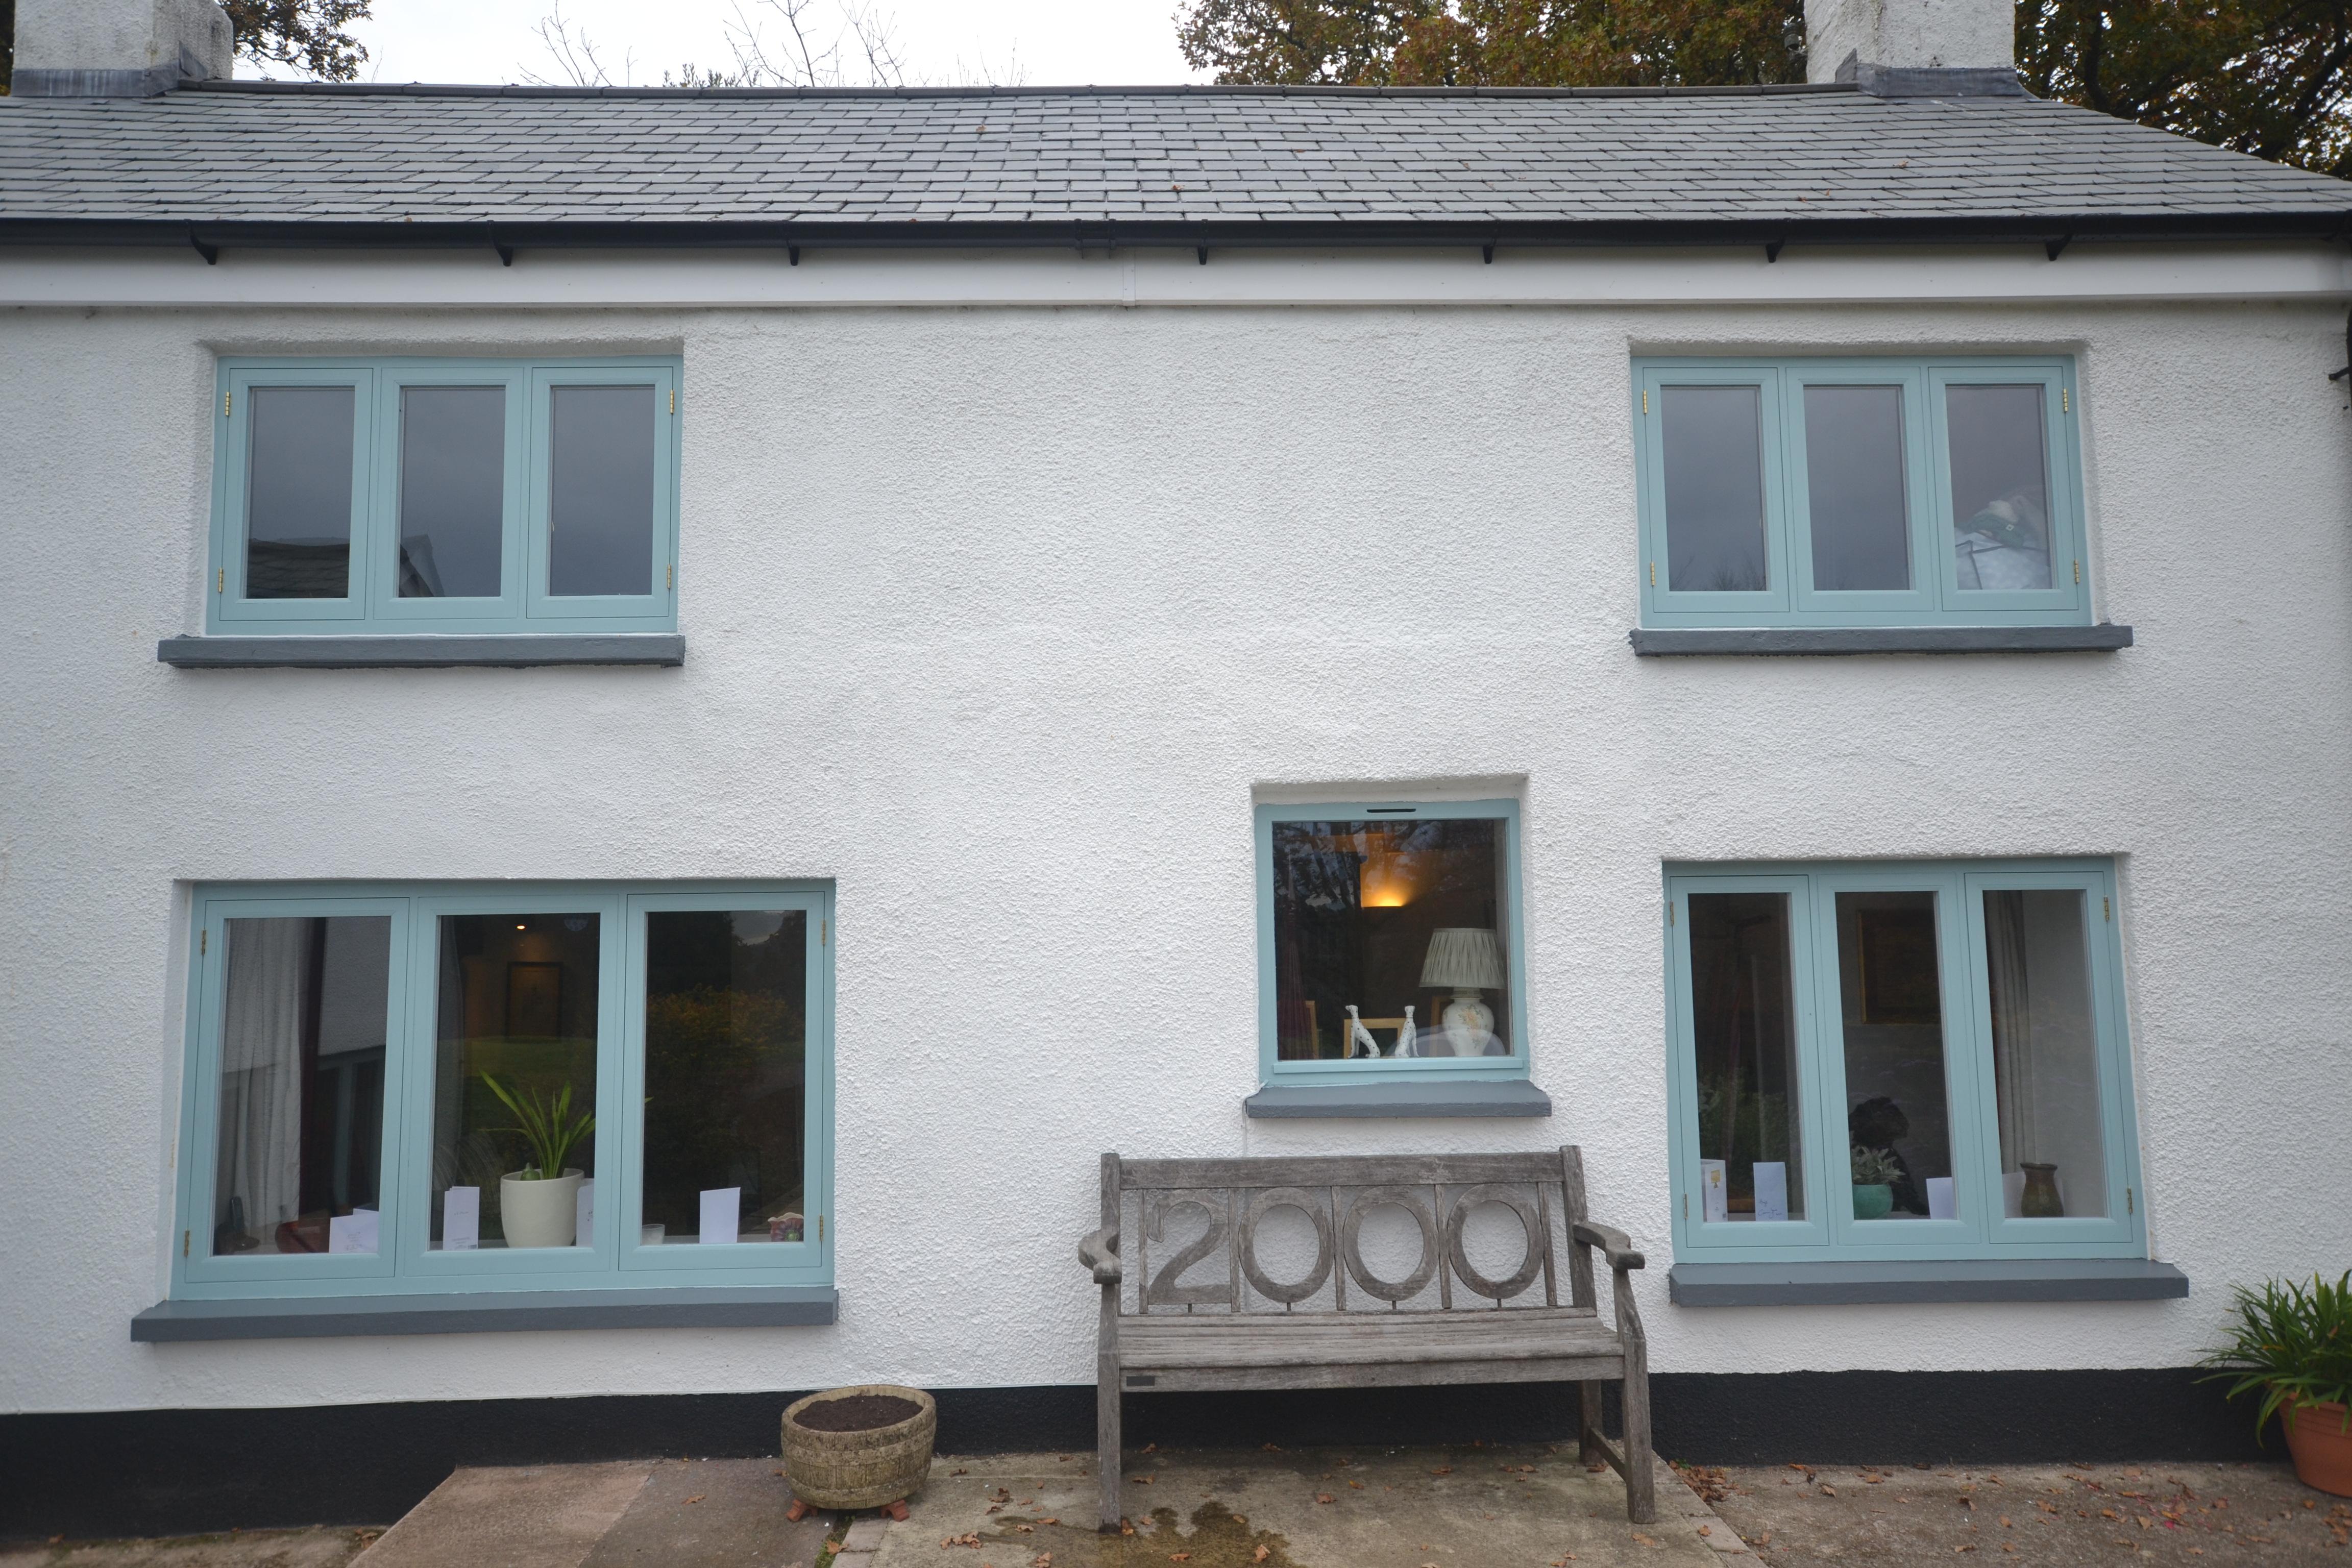 Custom flush casement windows for west country home jla for Custom house windows